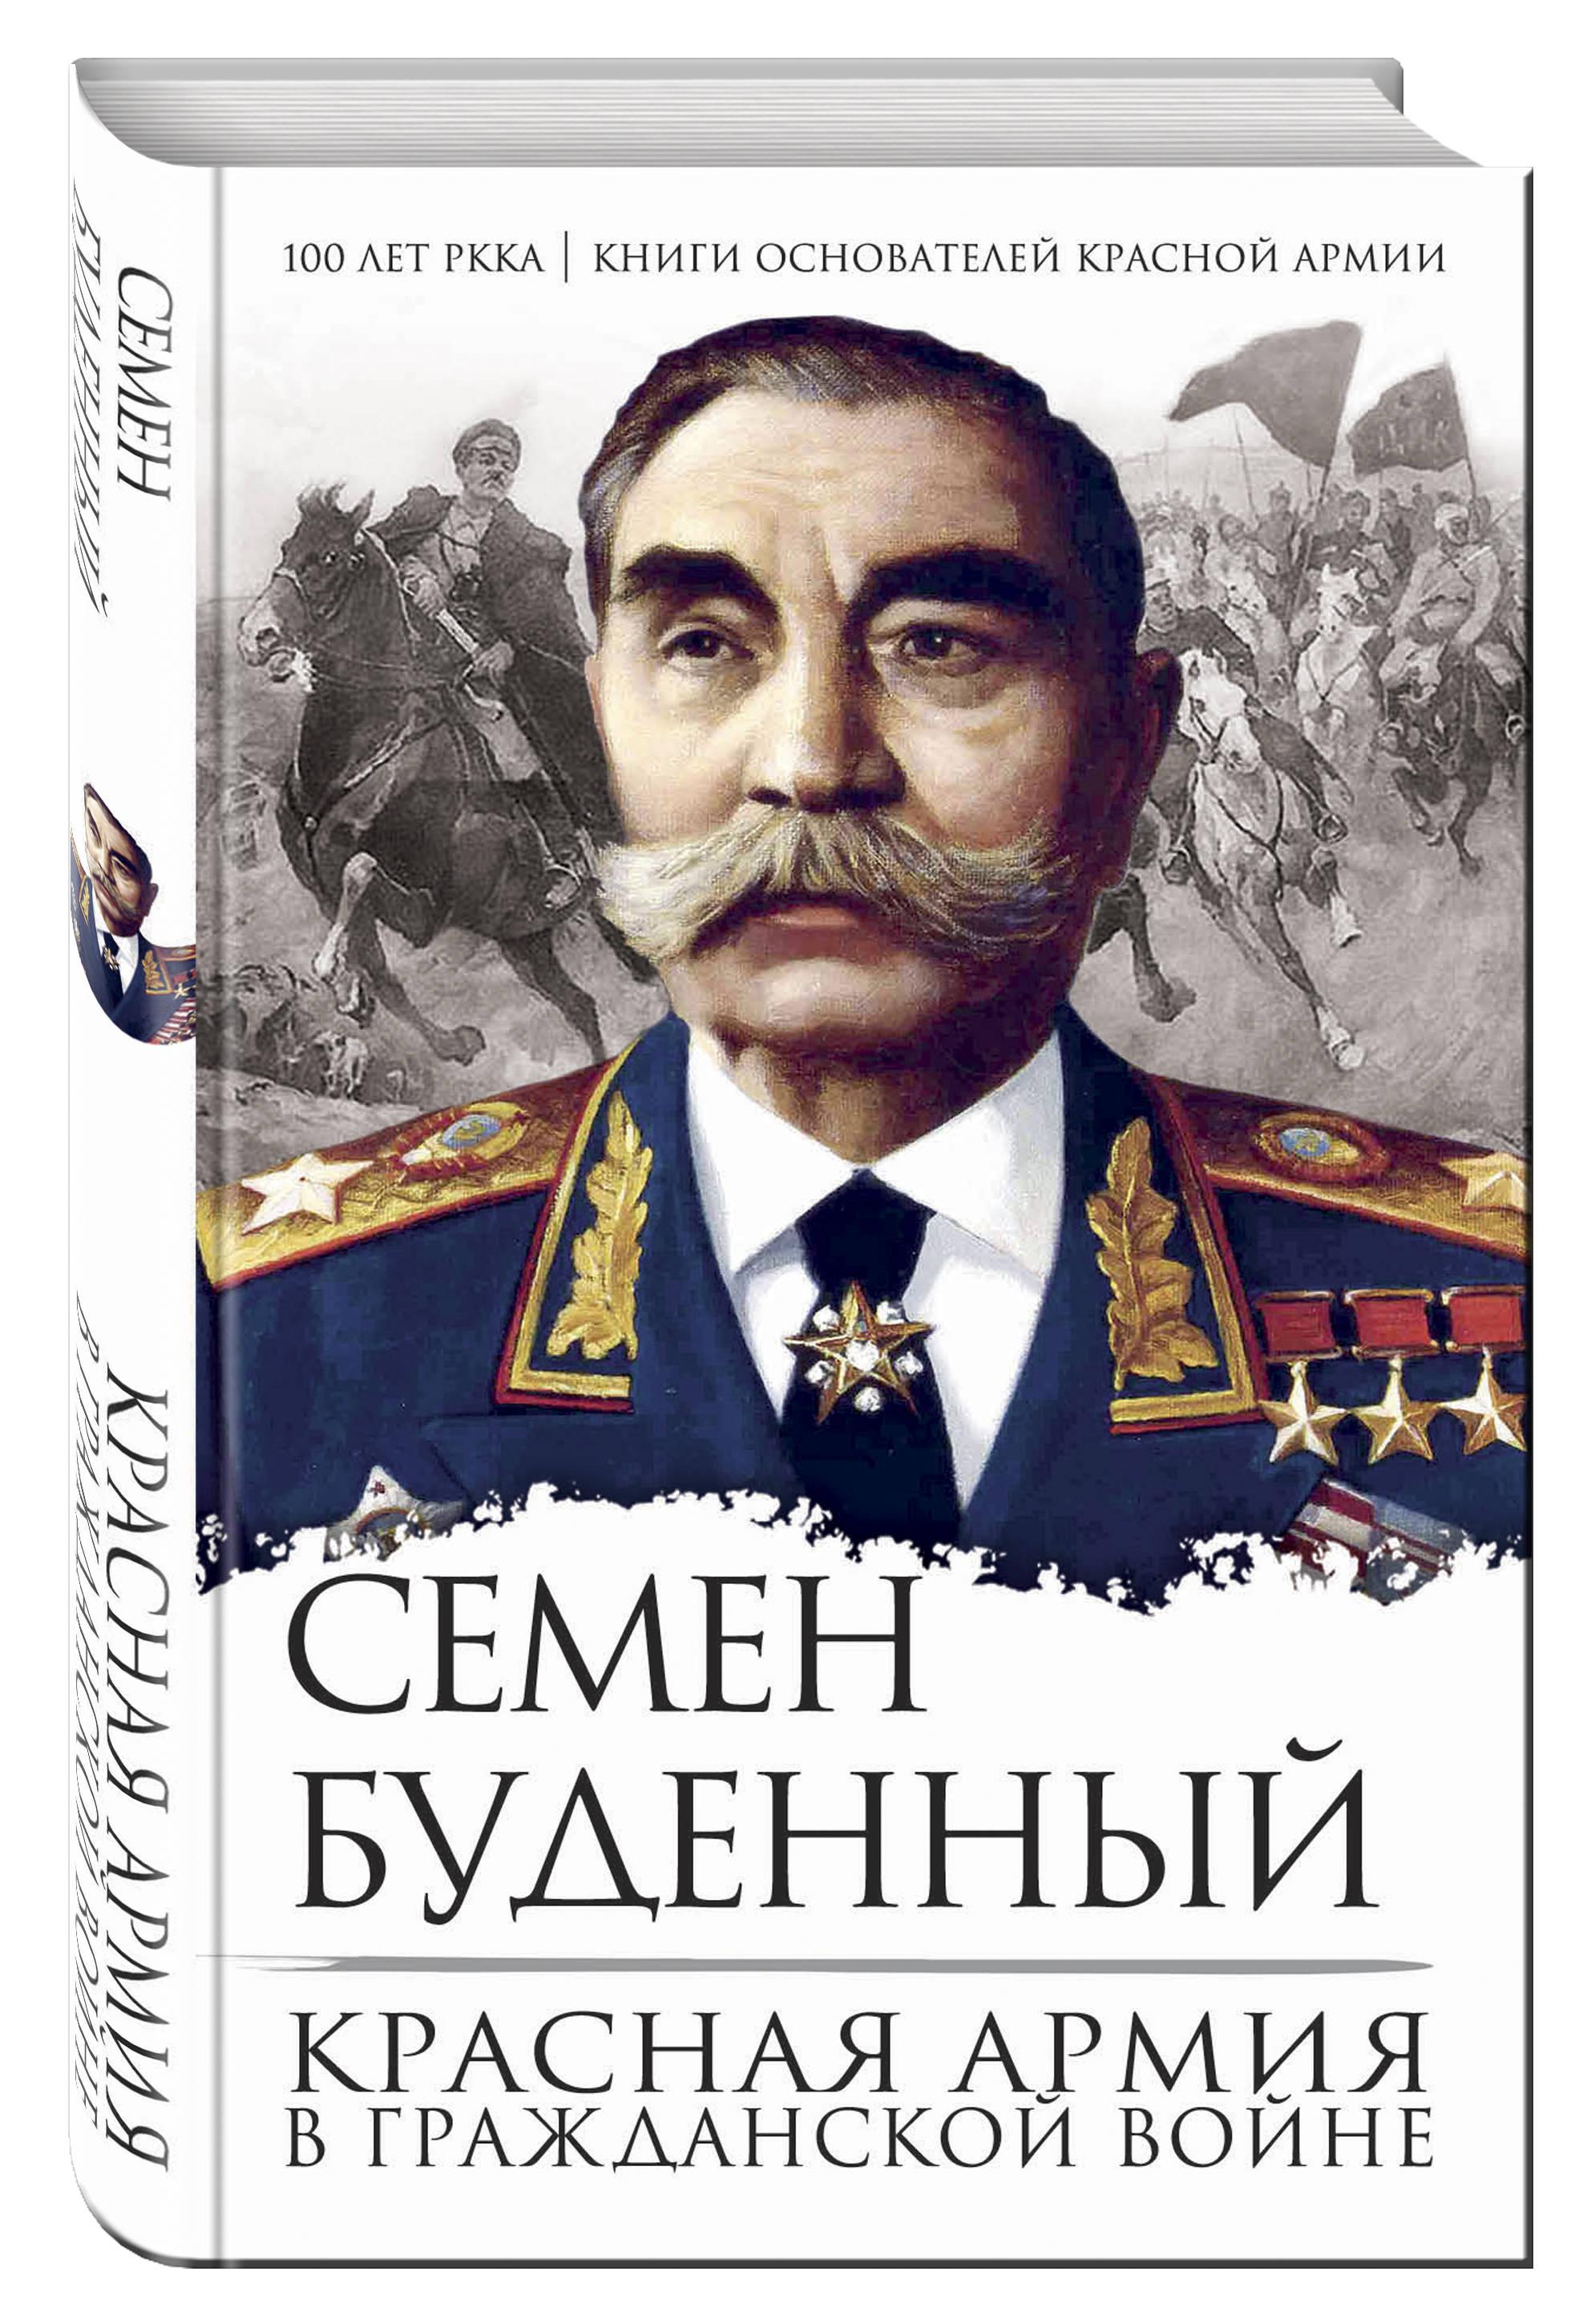 Буденный С.М. Красная армия в Гражданской войне алексей исаев пять кругов ада красная армия в котлах